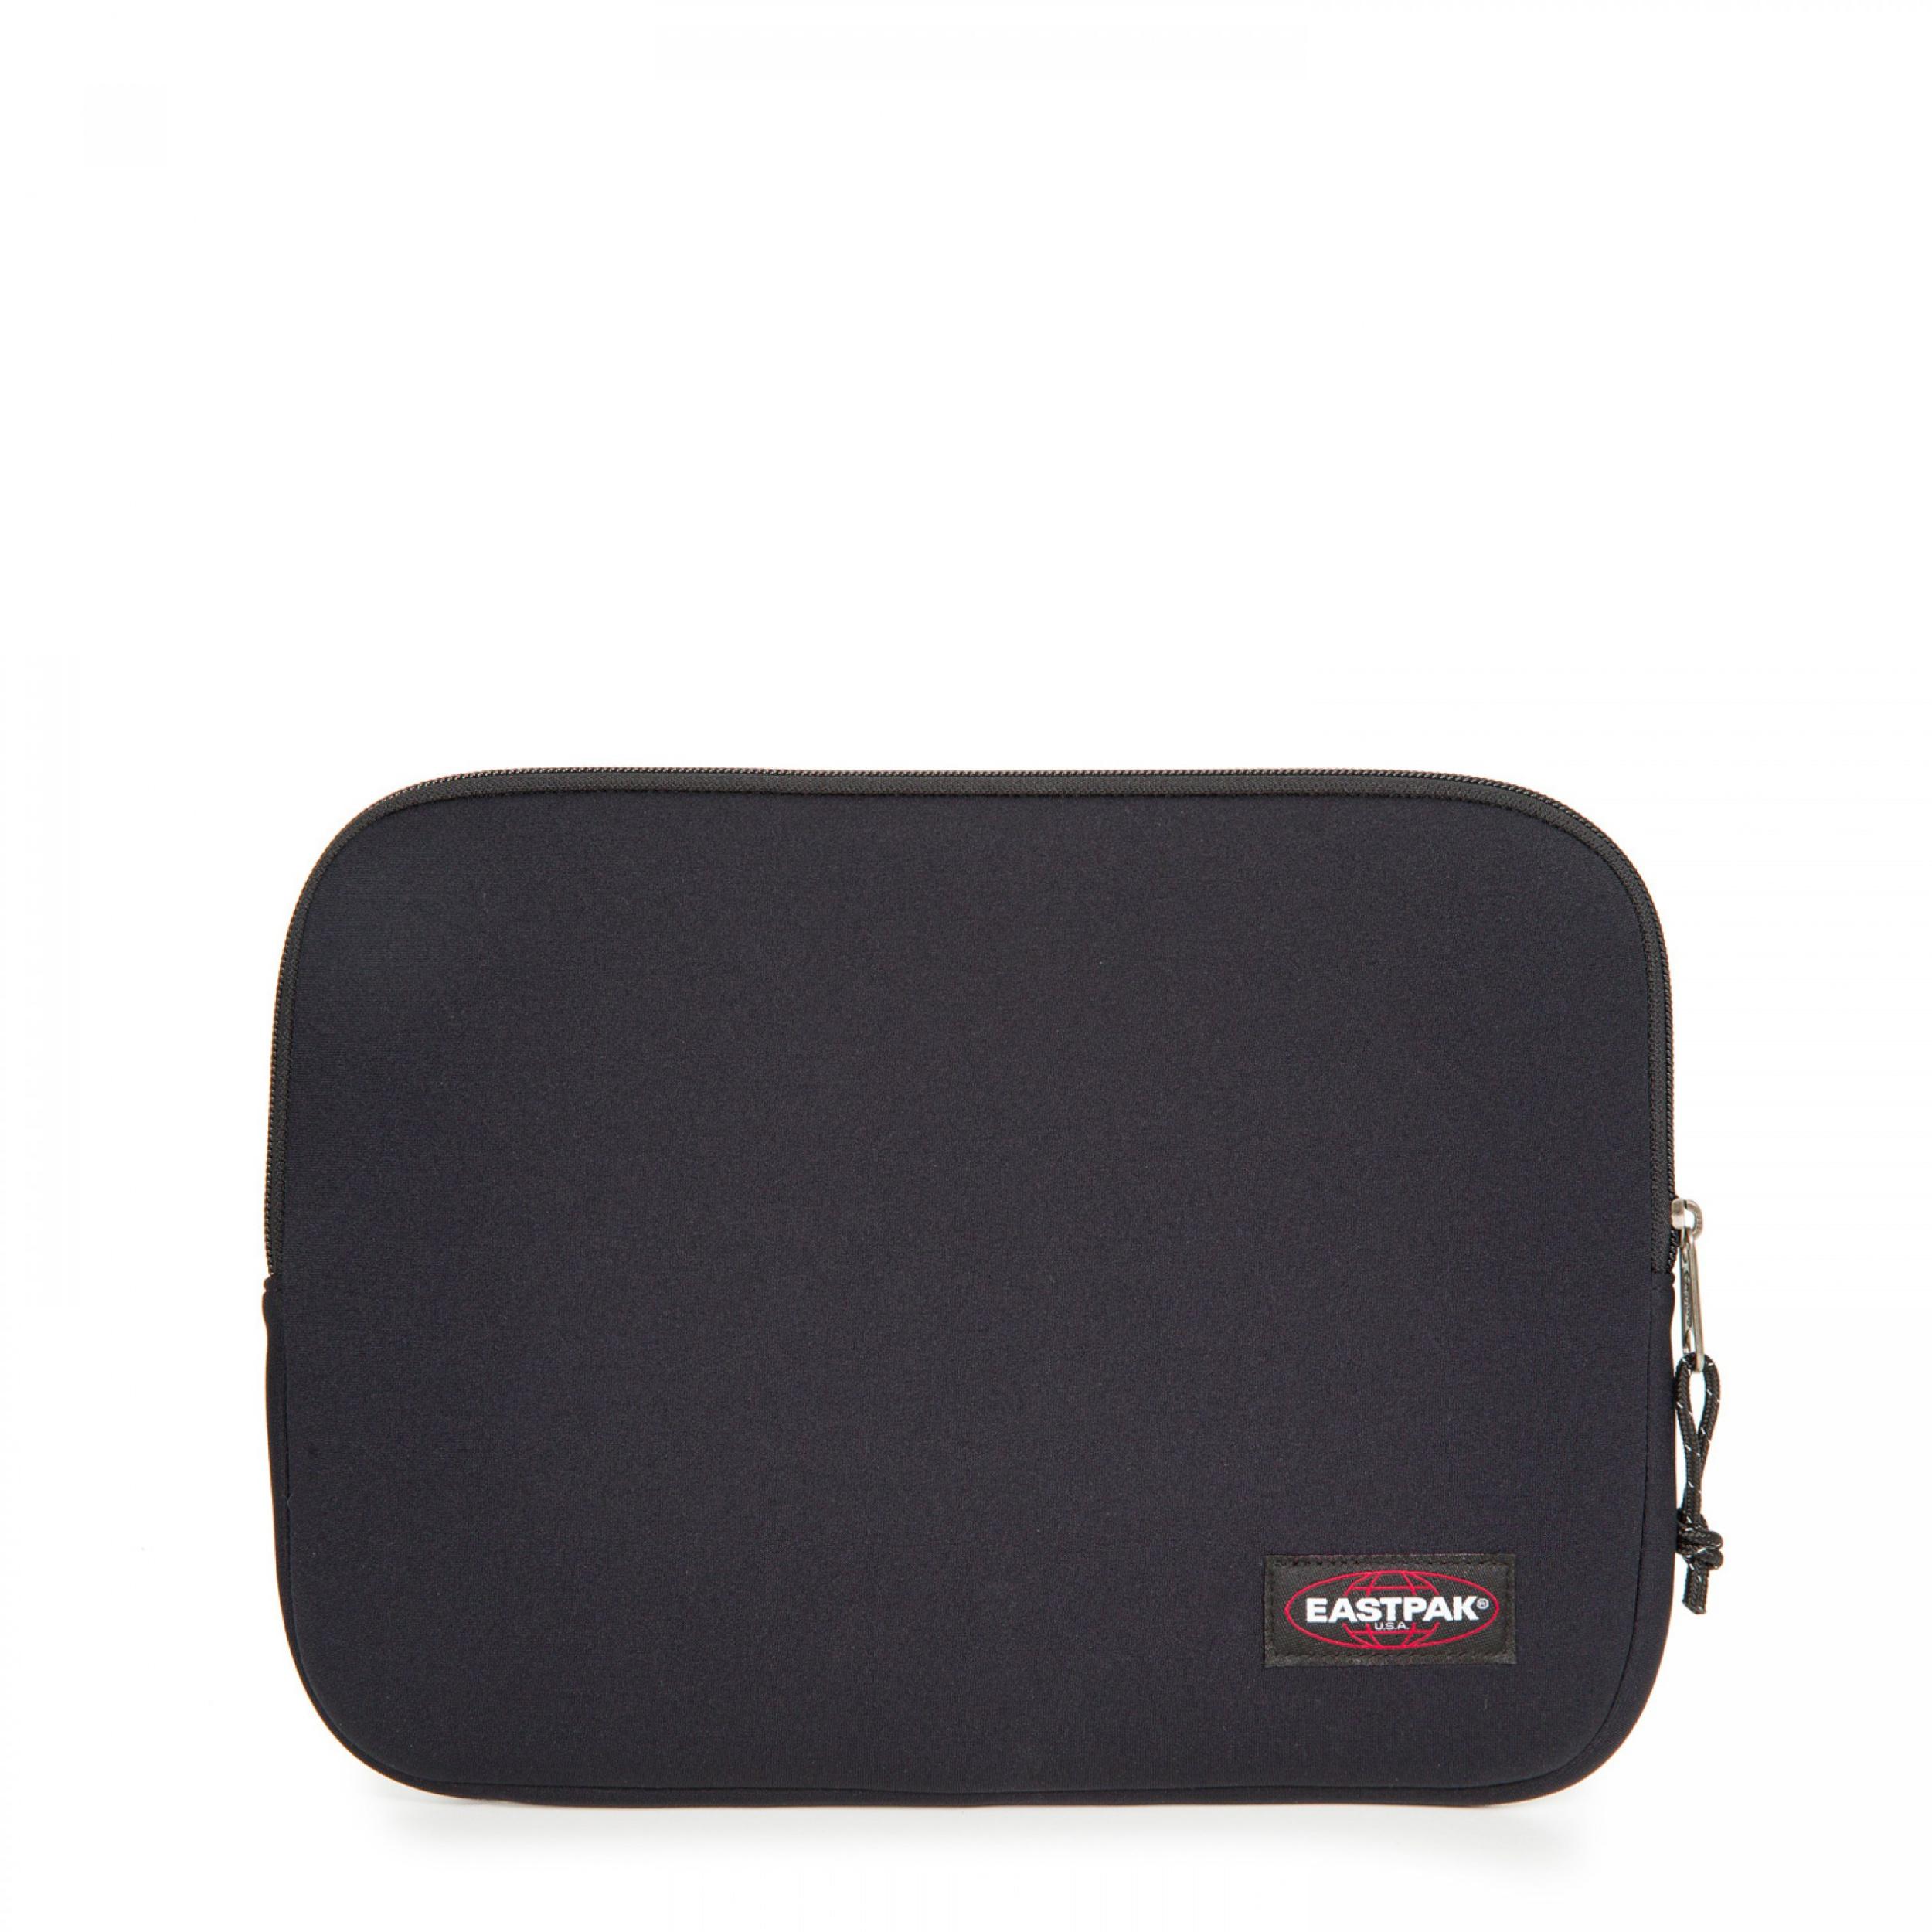 Eastpak BLANKET S Laptophoes Black